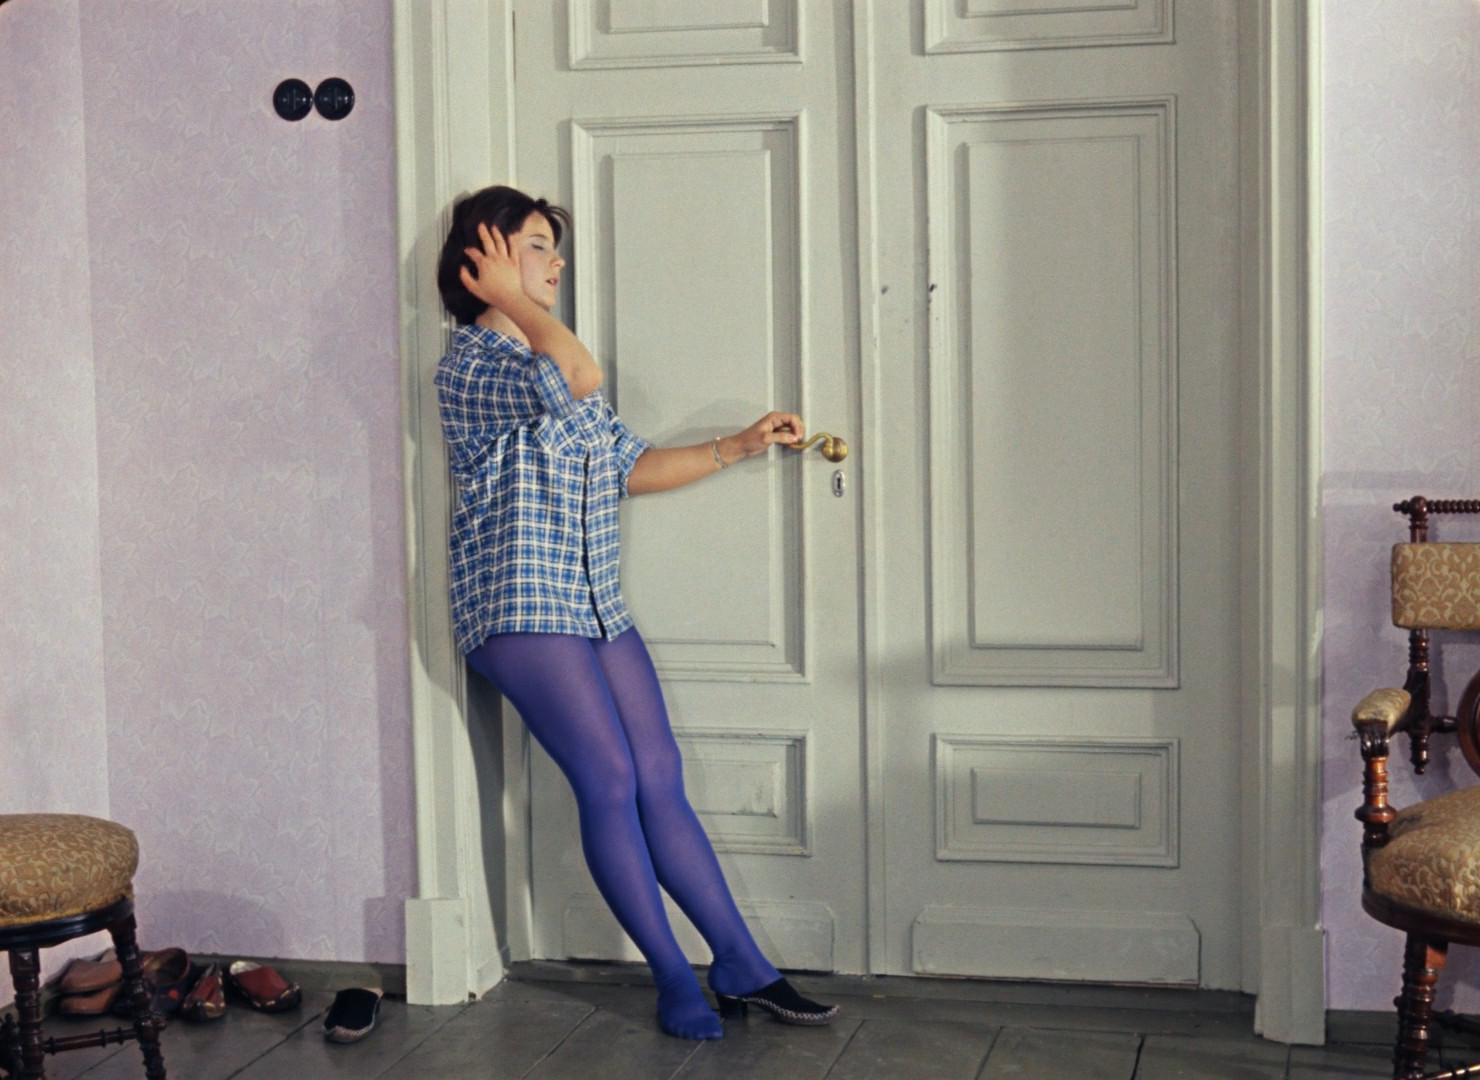 Ссср московские женщины в колготках 7 фотография